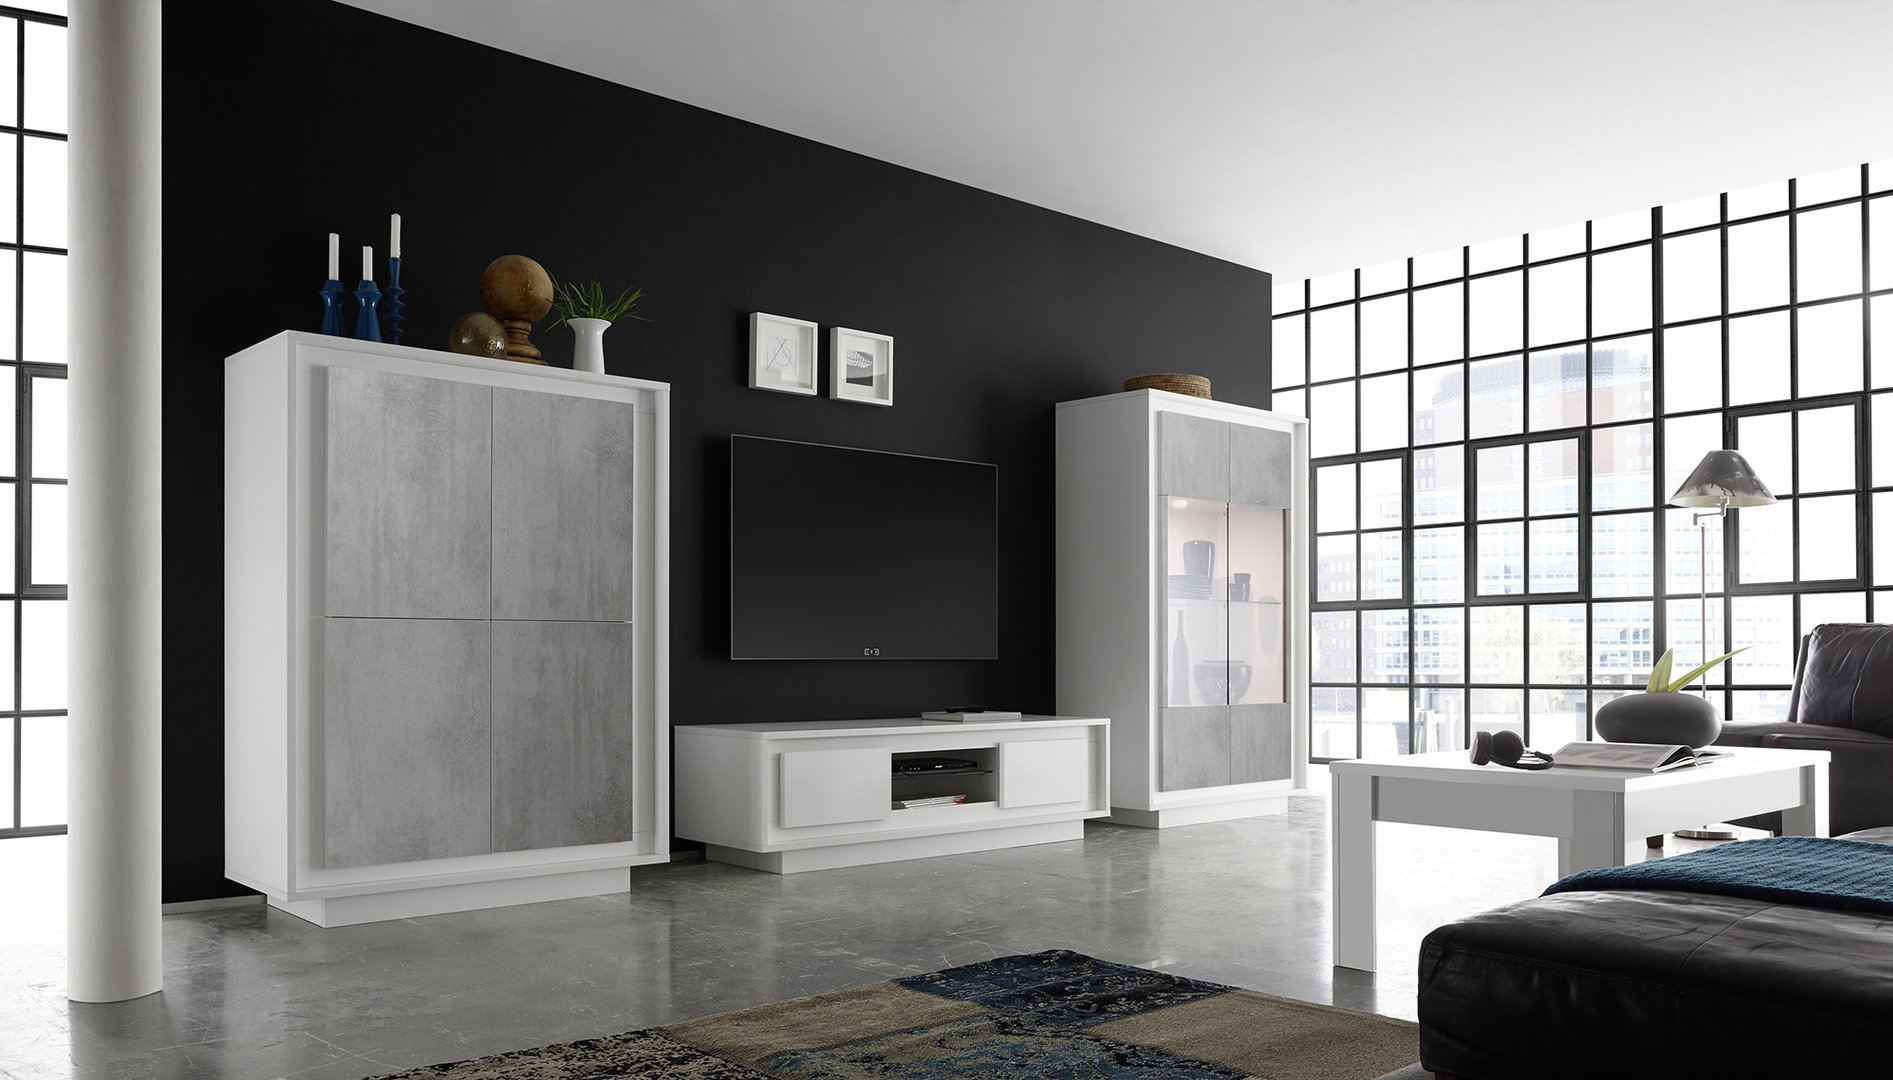 Porta tv moderno dolce mobile soggiorno unico elegante for Mobile per soggiorno moderno